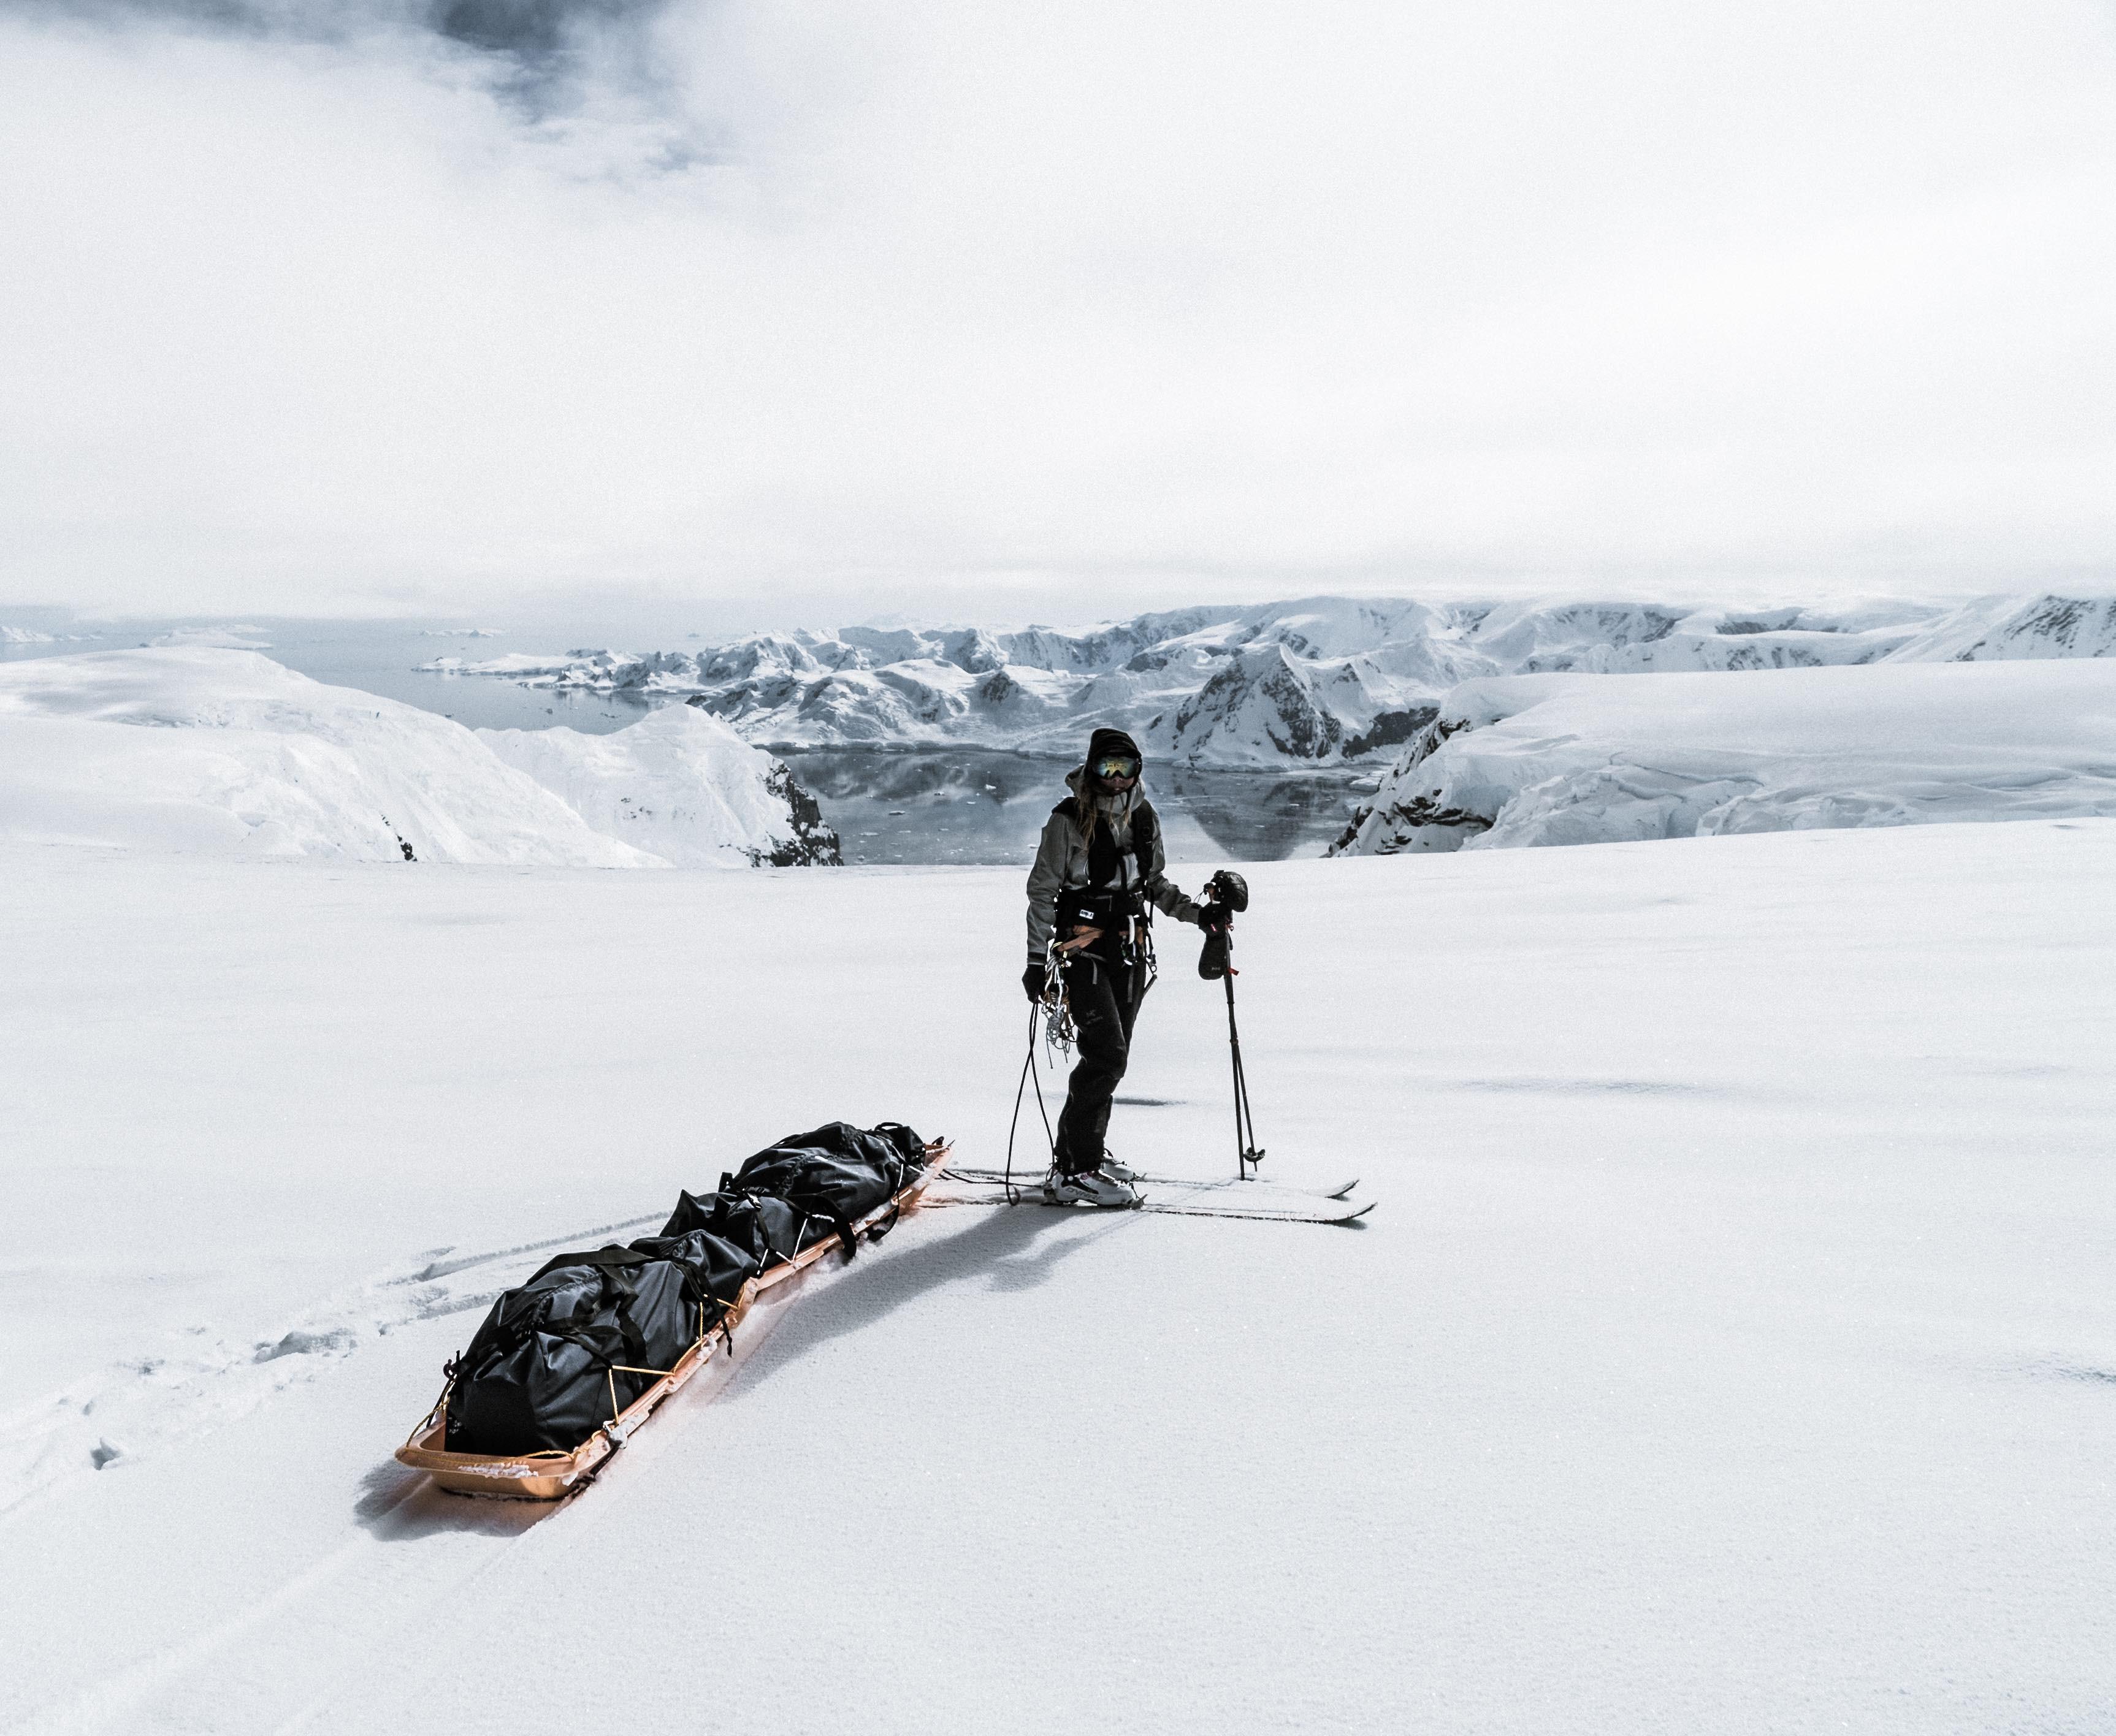 Expédition en Norvège, ce jeudi de 4 février 2021, de 10h à 11h, à l'émission Ici et Ailleurs